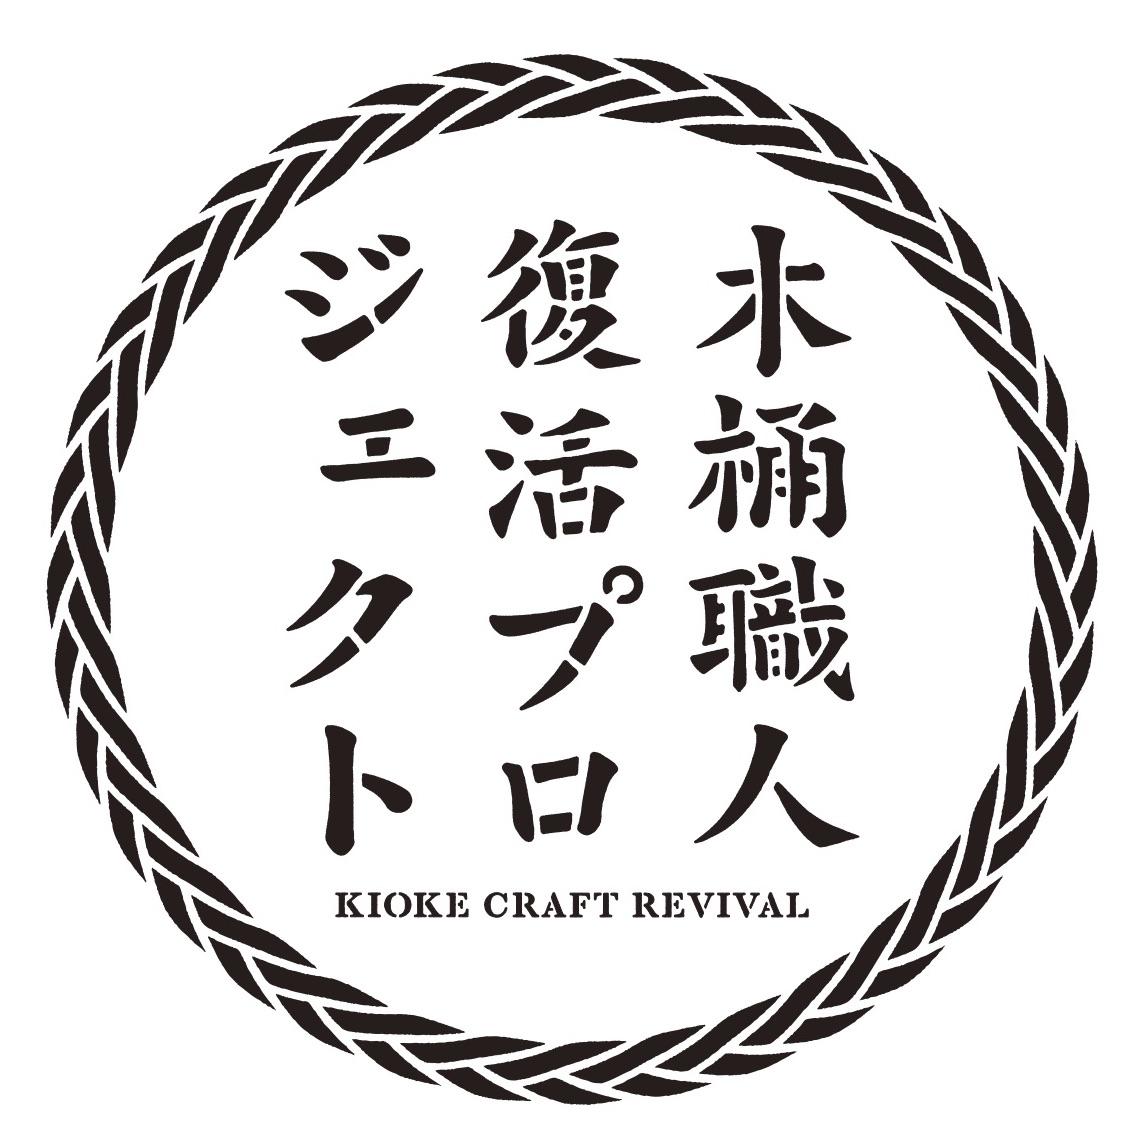 木桶による発酵文化サミット in 東京